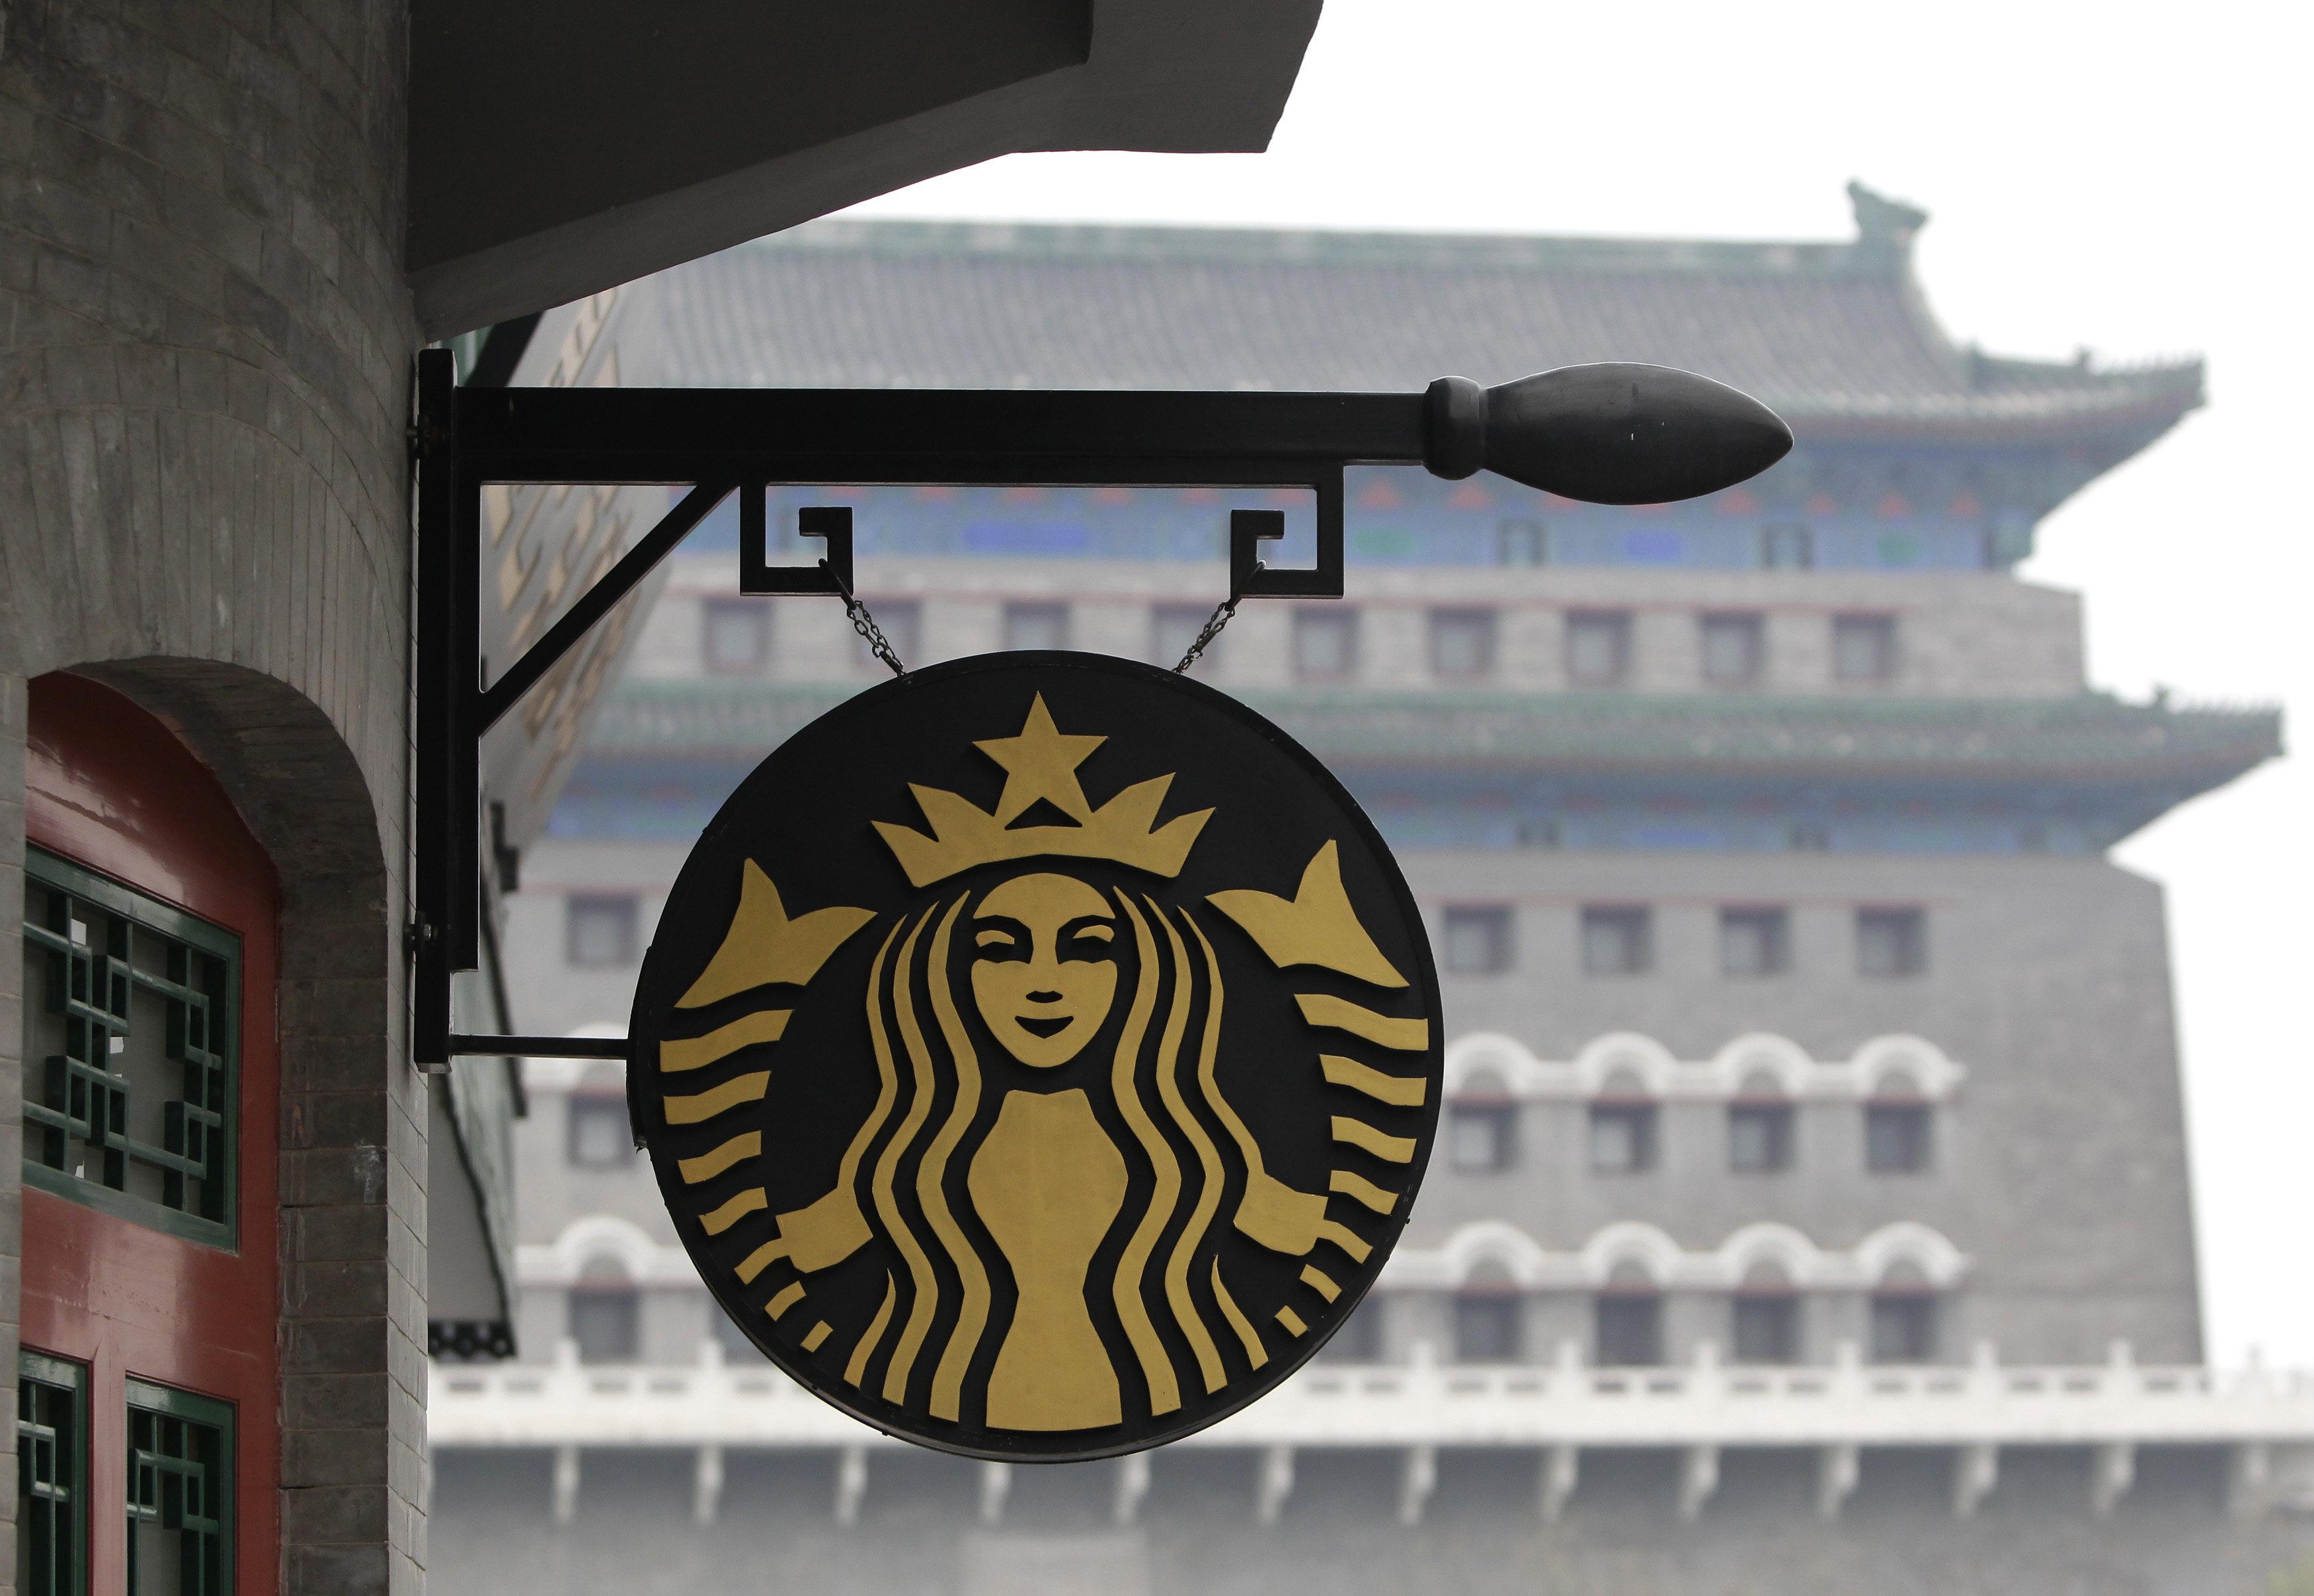 중국 스타벅스가 정식 배달 서비스를